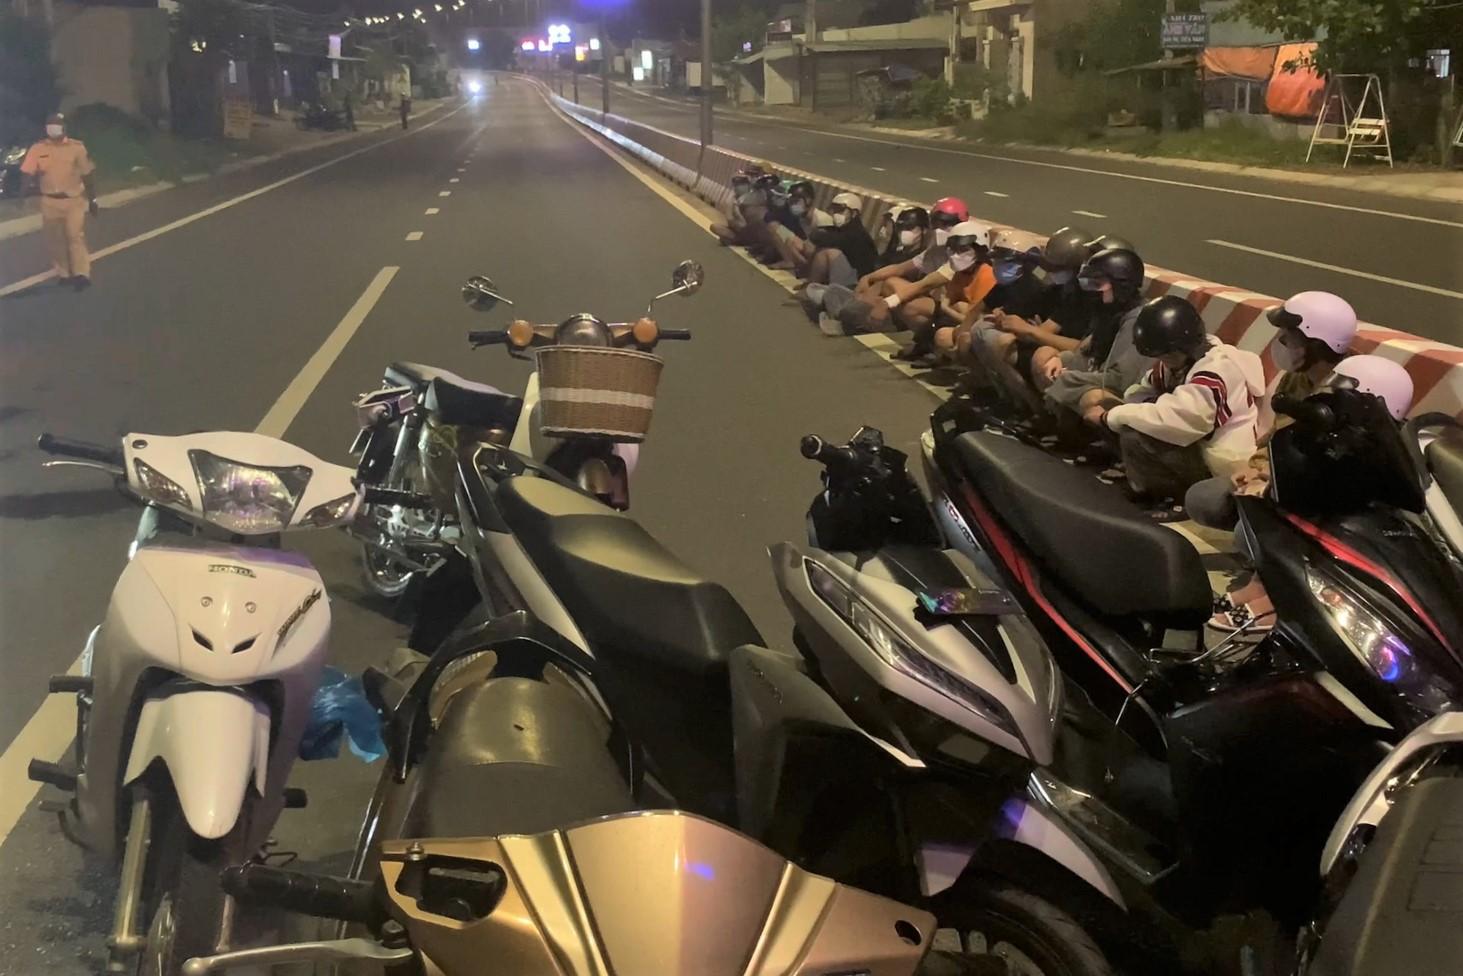 Các quái xế và một số phương tiện bị bắt giữ trên đường Võ Nguyên Giáp, sáng 25/7. Ảnh: Công an cung cấp.